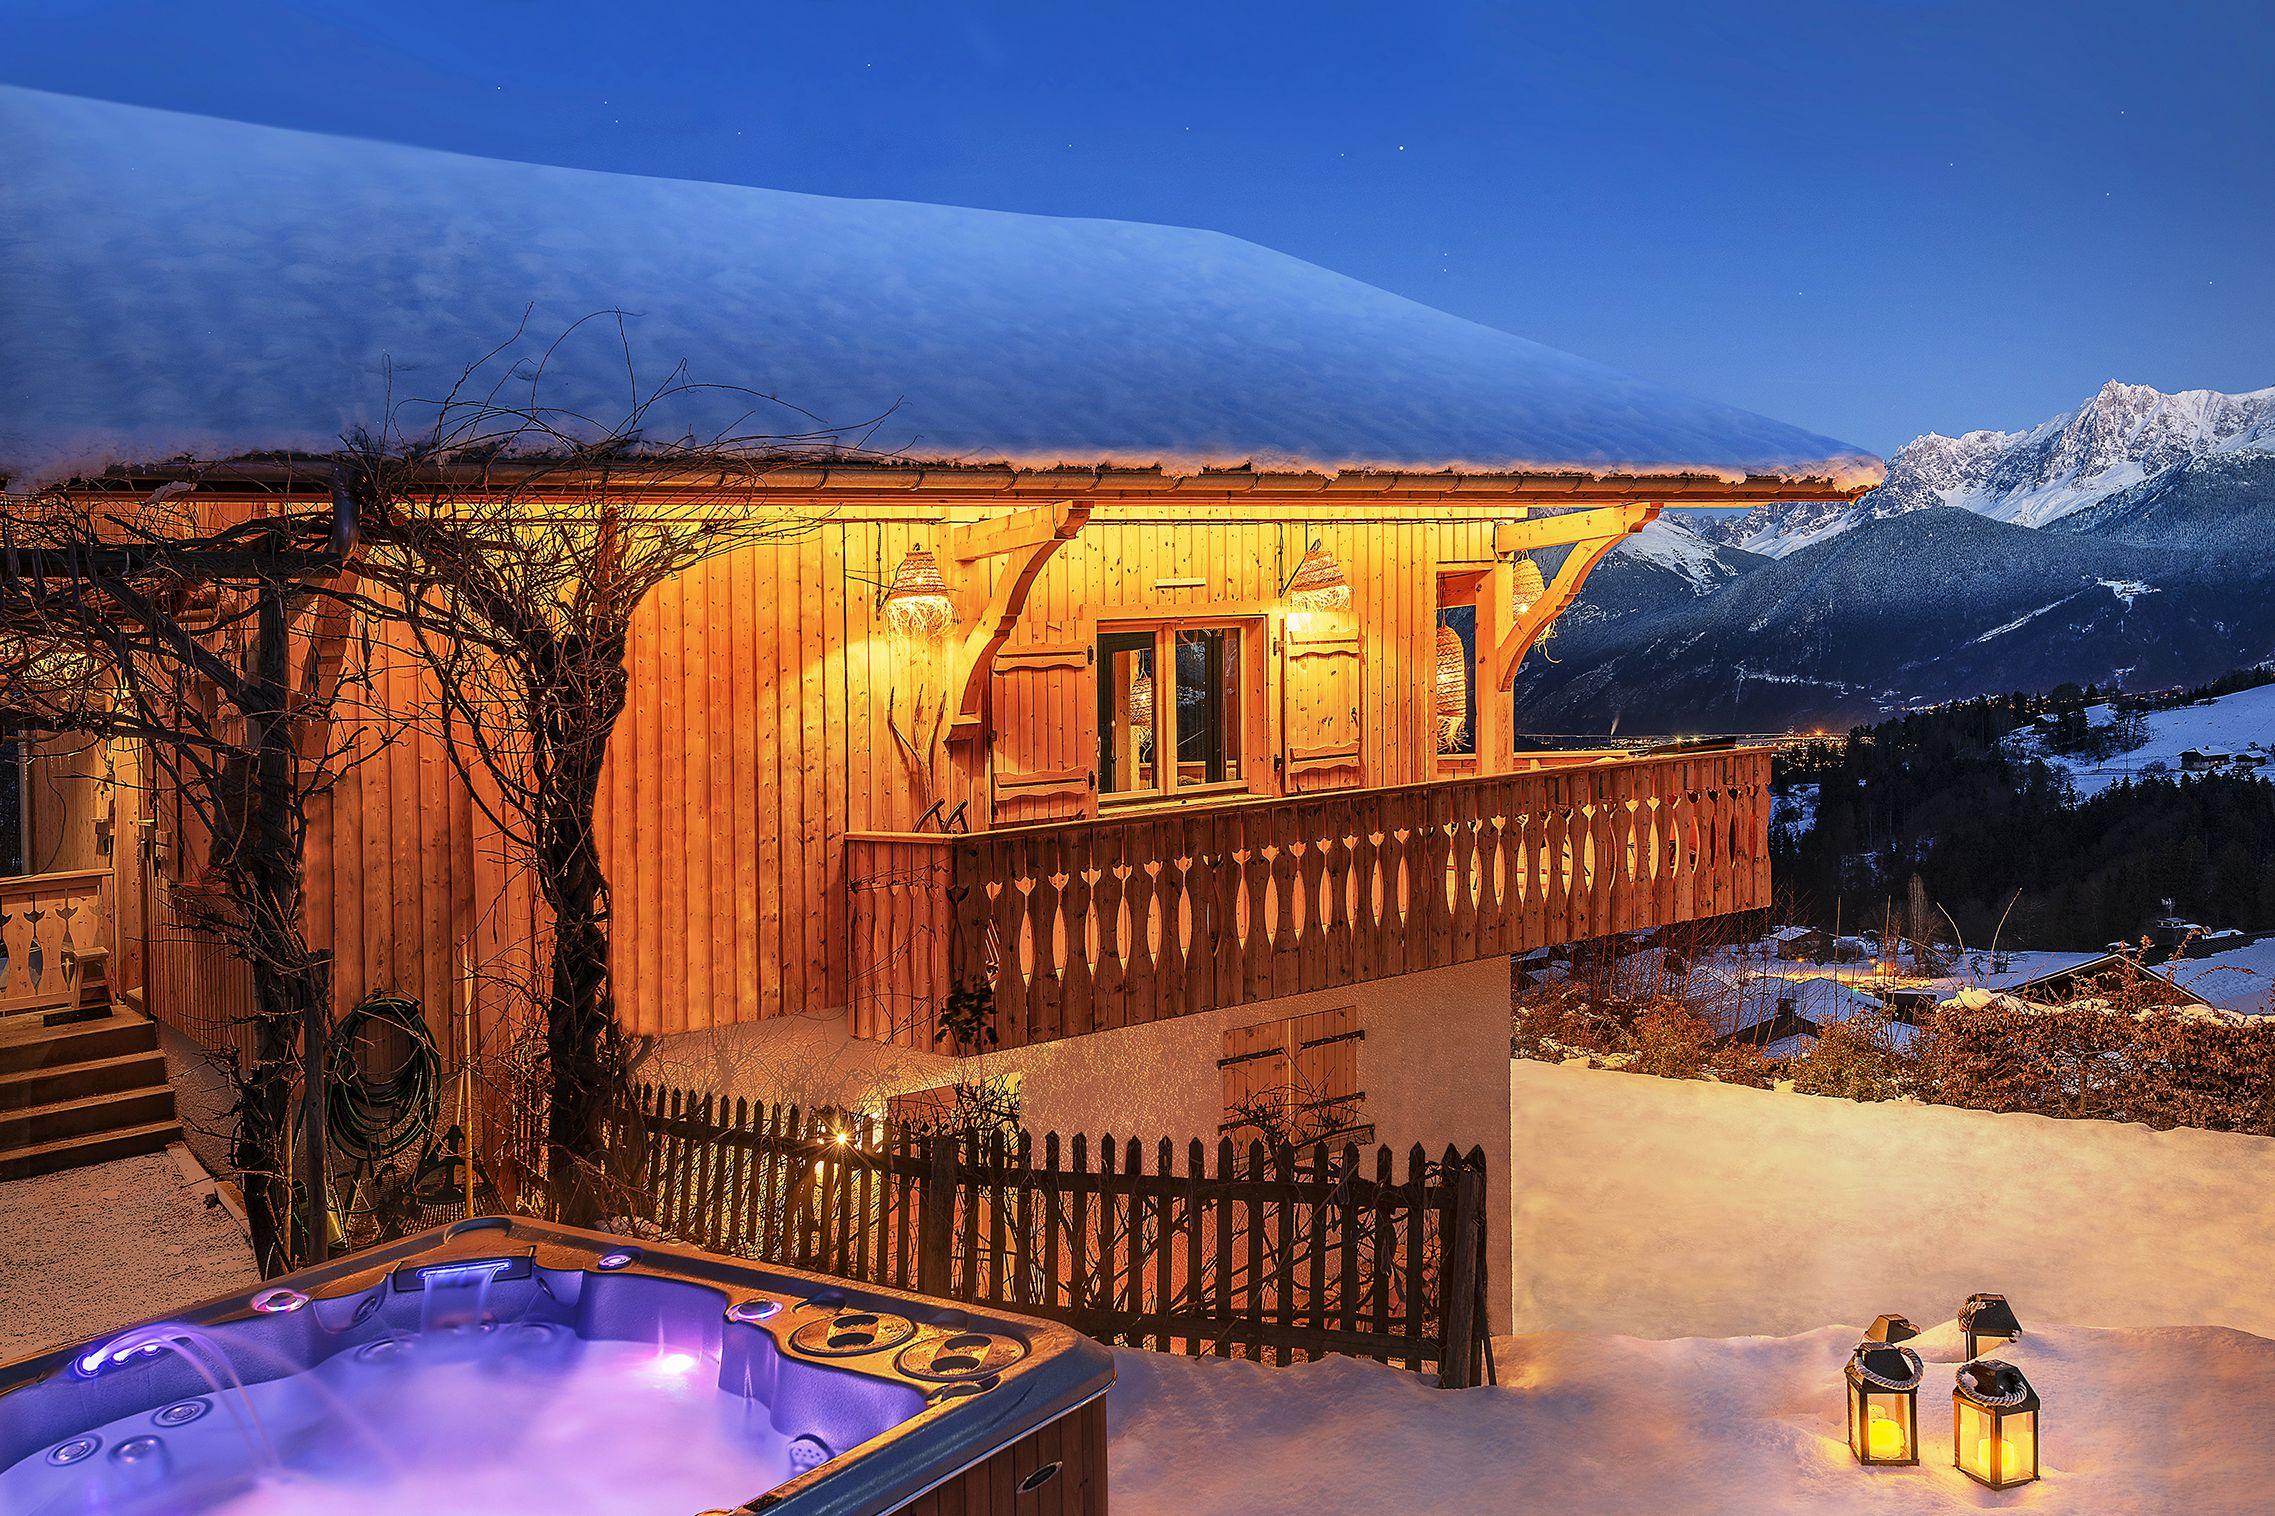 Le Chalet Au Crepuscule Avec Son Spa Clairazur Exterieur Face Au Mont Blanc Haute Savoie Cordon Megeve Chalet Luxe Mont Chalet Megeve Maison De Luxe